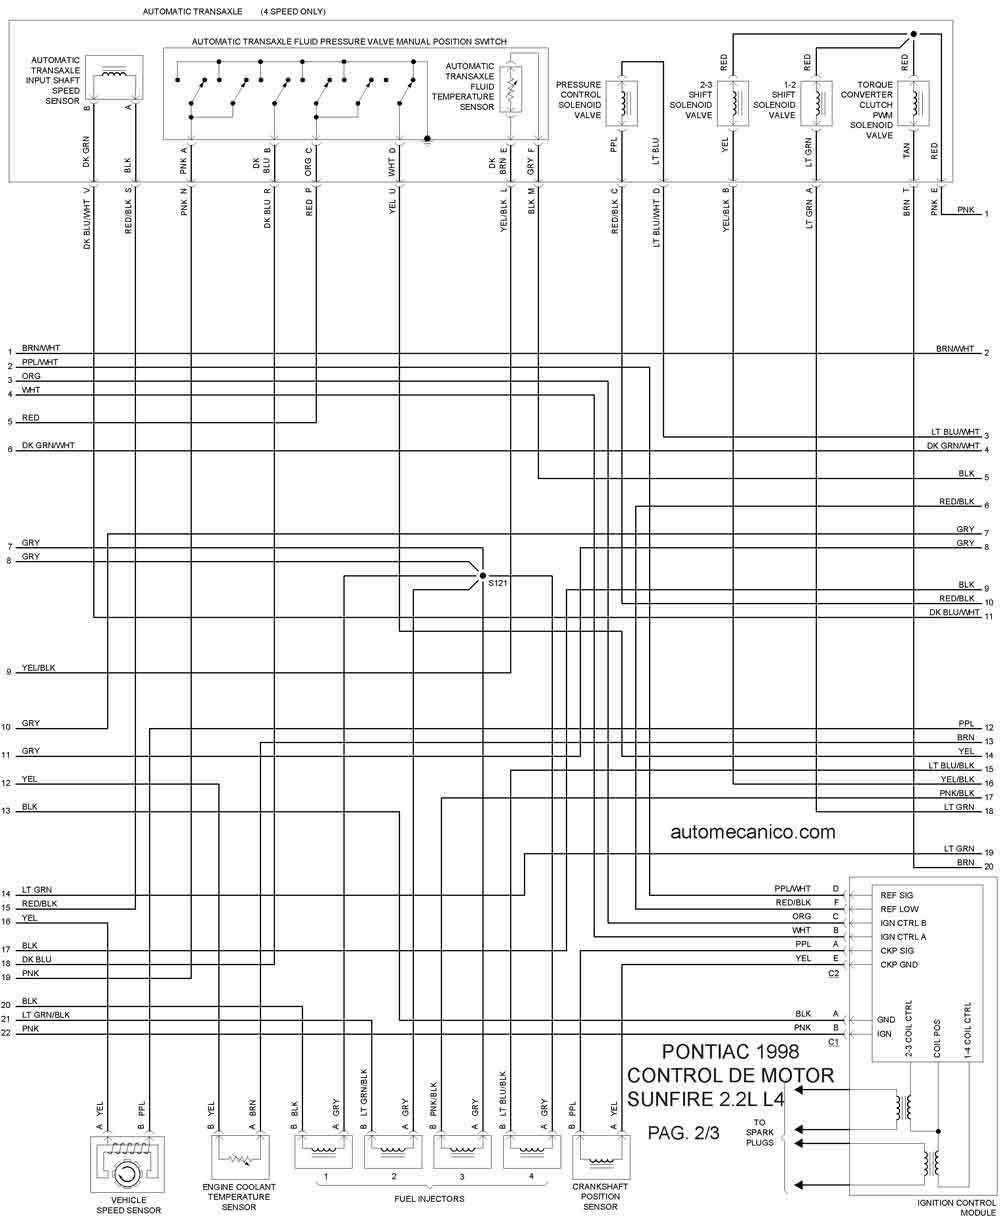 Pontiac sunfire9822002 jpg Diagramas de autos